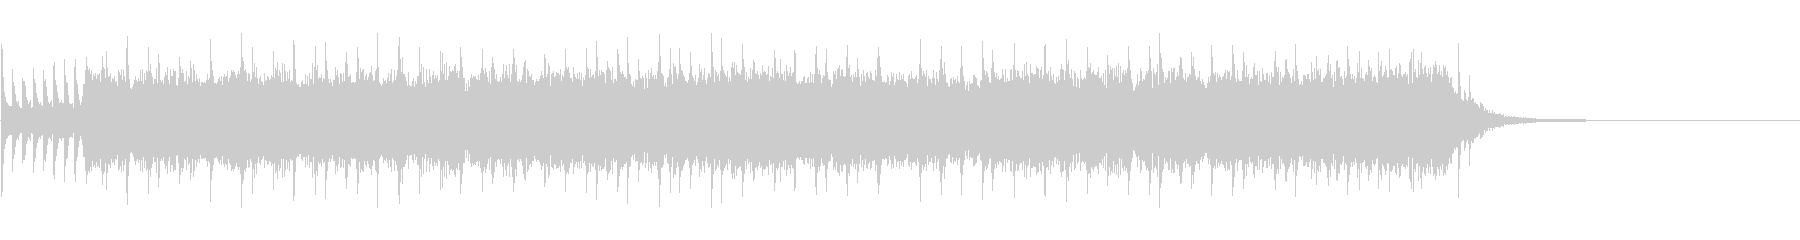 ヘヴィロックなBGMの未再生の波形